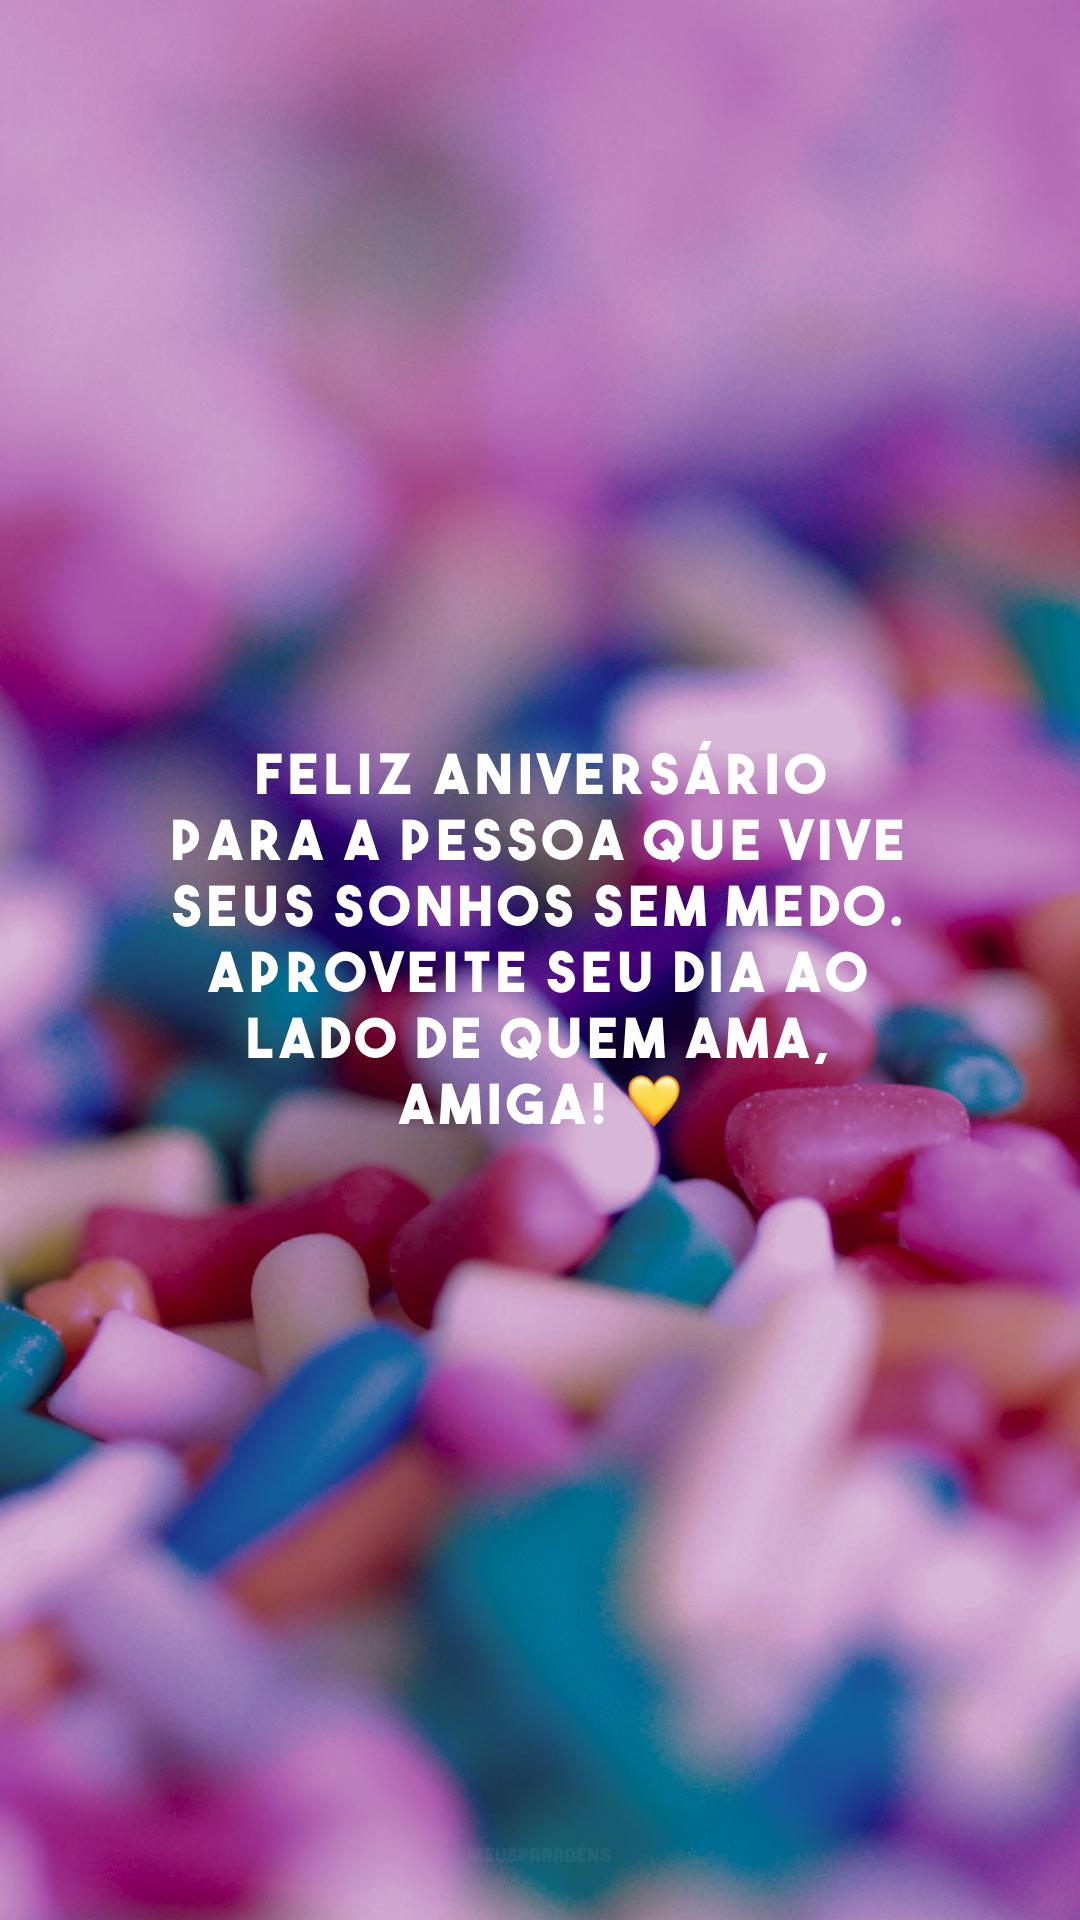 Feliz aniversário para a pessoa que vive seus sonhos sem medo. Aproveite seu dia ao lado de quem ama, amiga! 💛